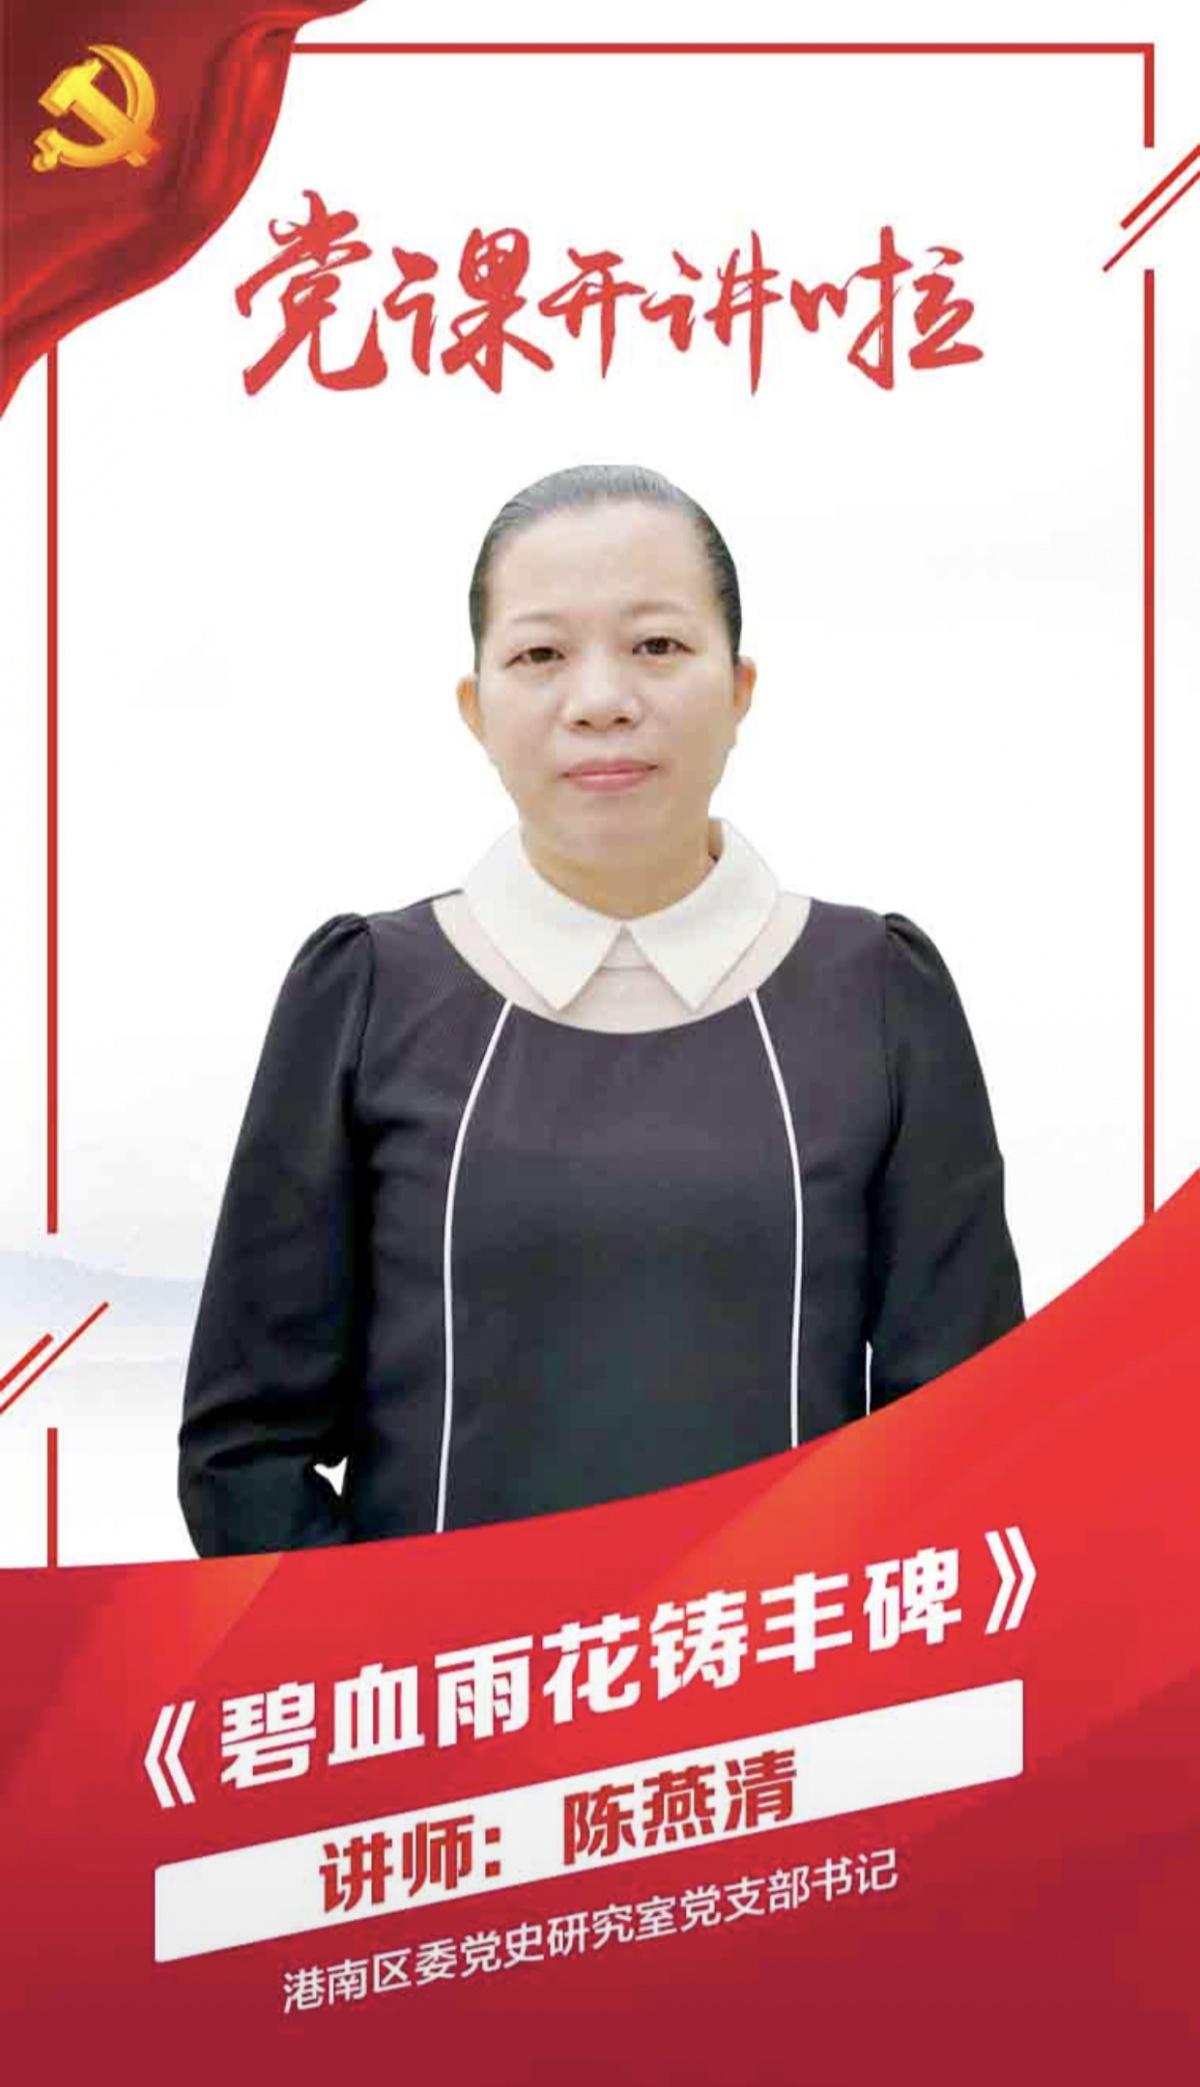 陈燕清——《碧血雨花铸丰碑》